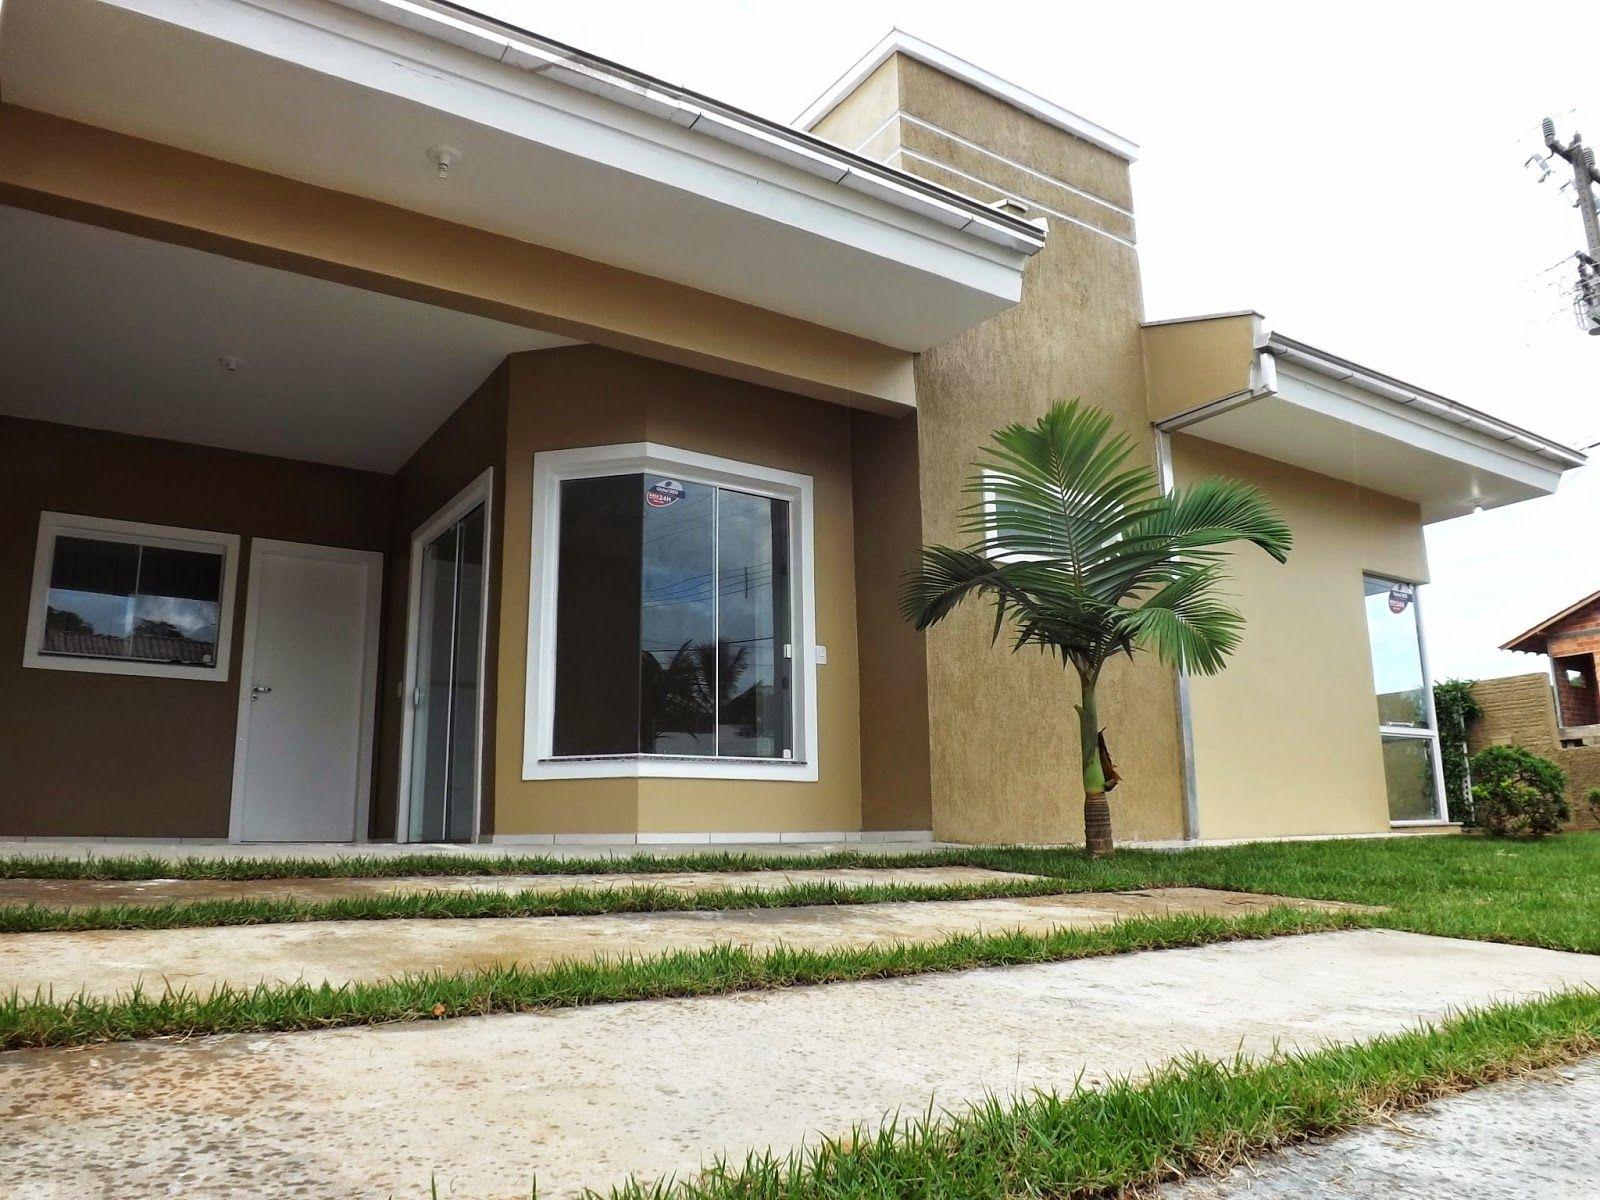 Casa com fachadas pintadas com textura pesquisa google for Casas modernas pintadas